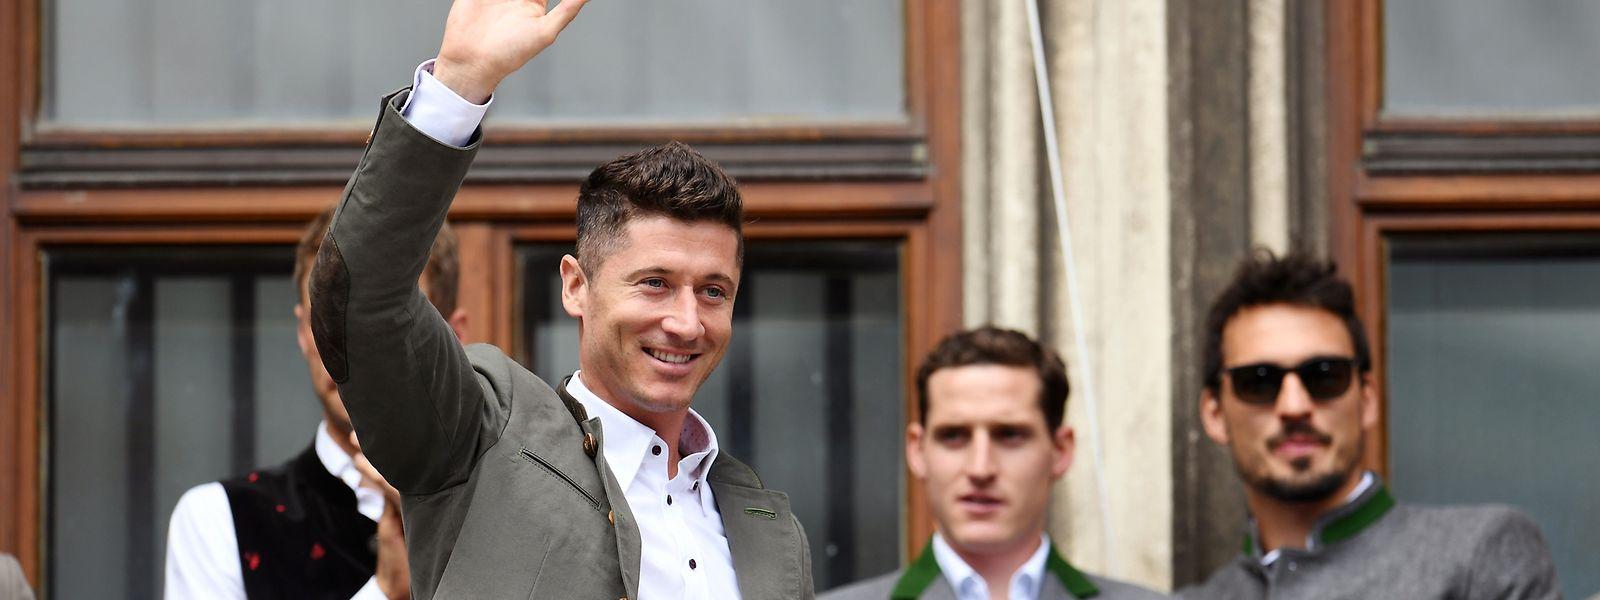 Stand Robert Lewandowski in diesem Jahr zum letzten Mal auf dem Münchner Rathausbalkon?